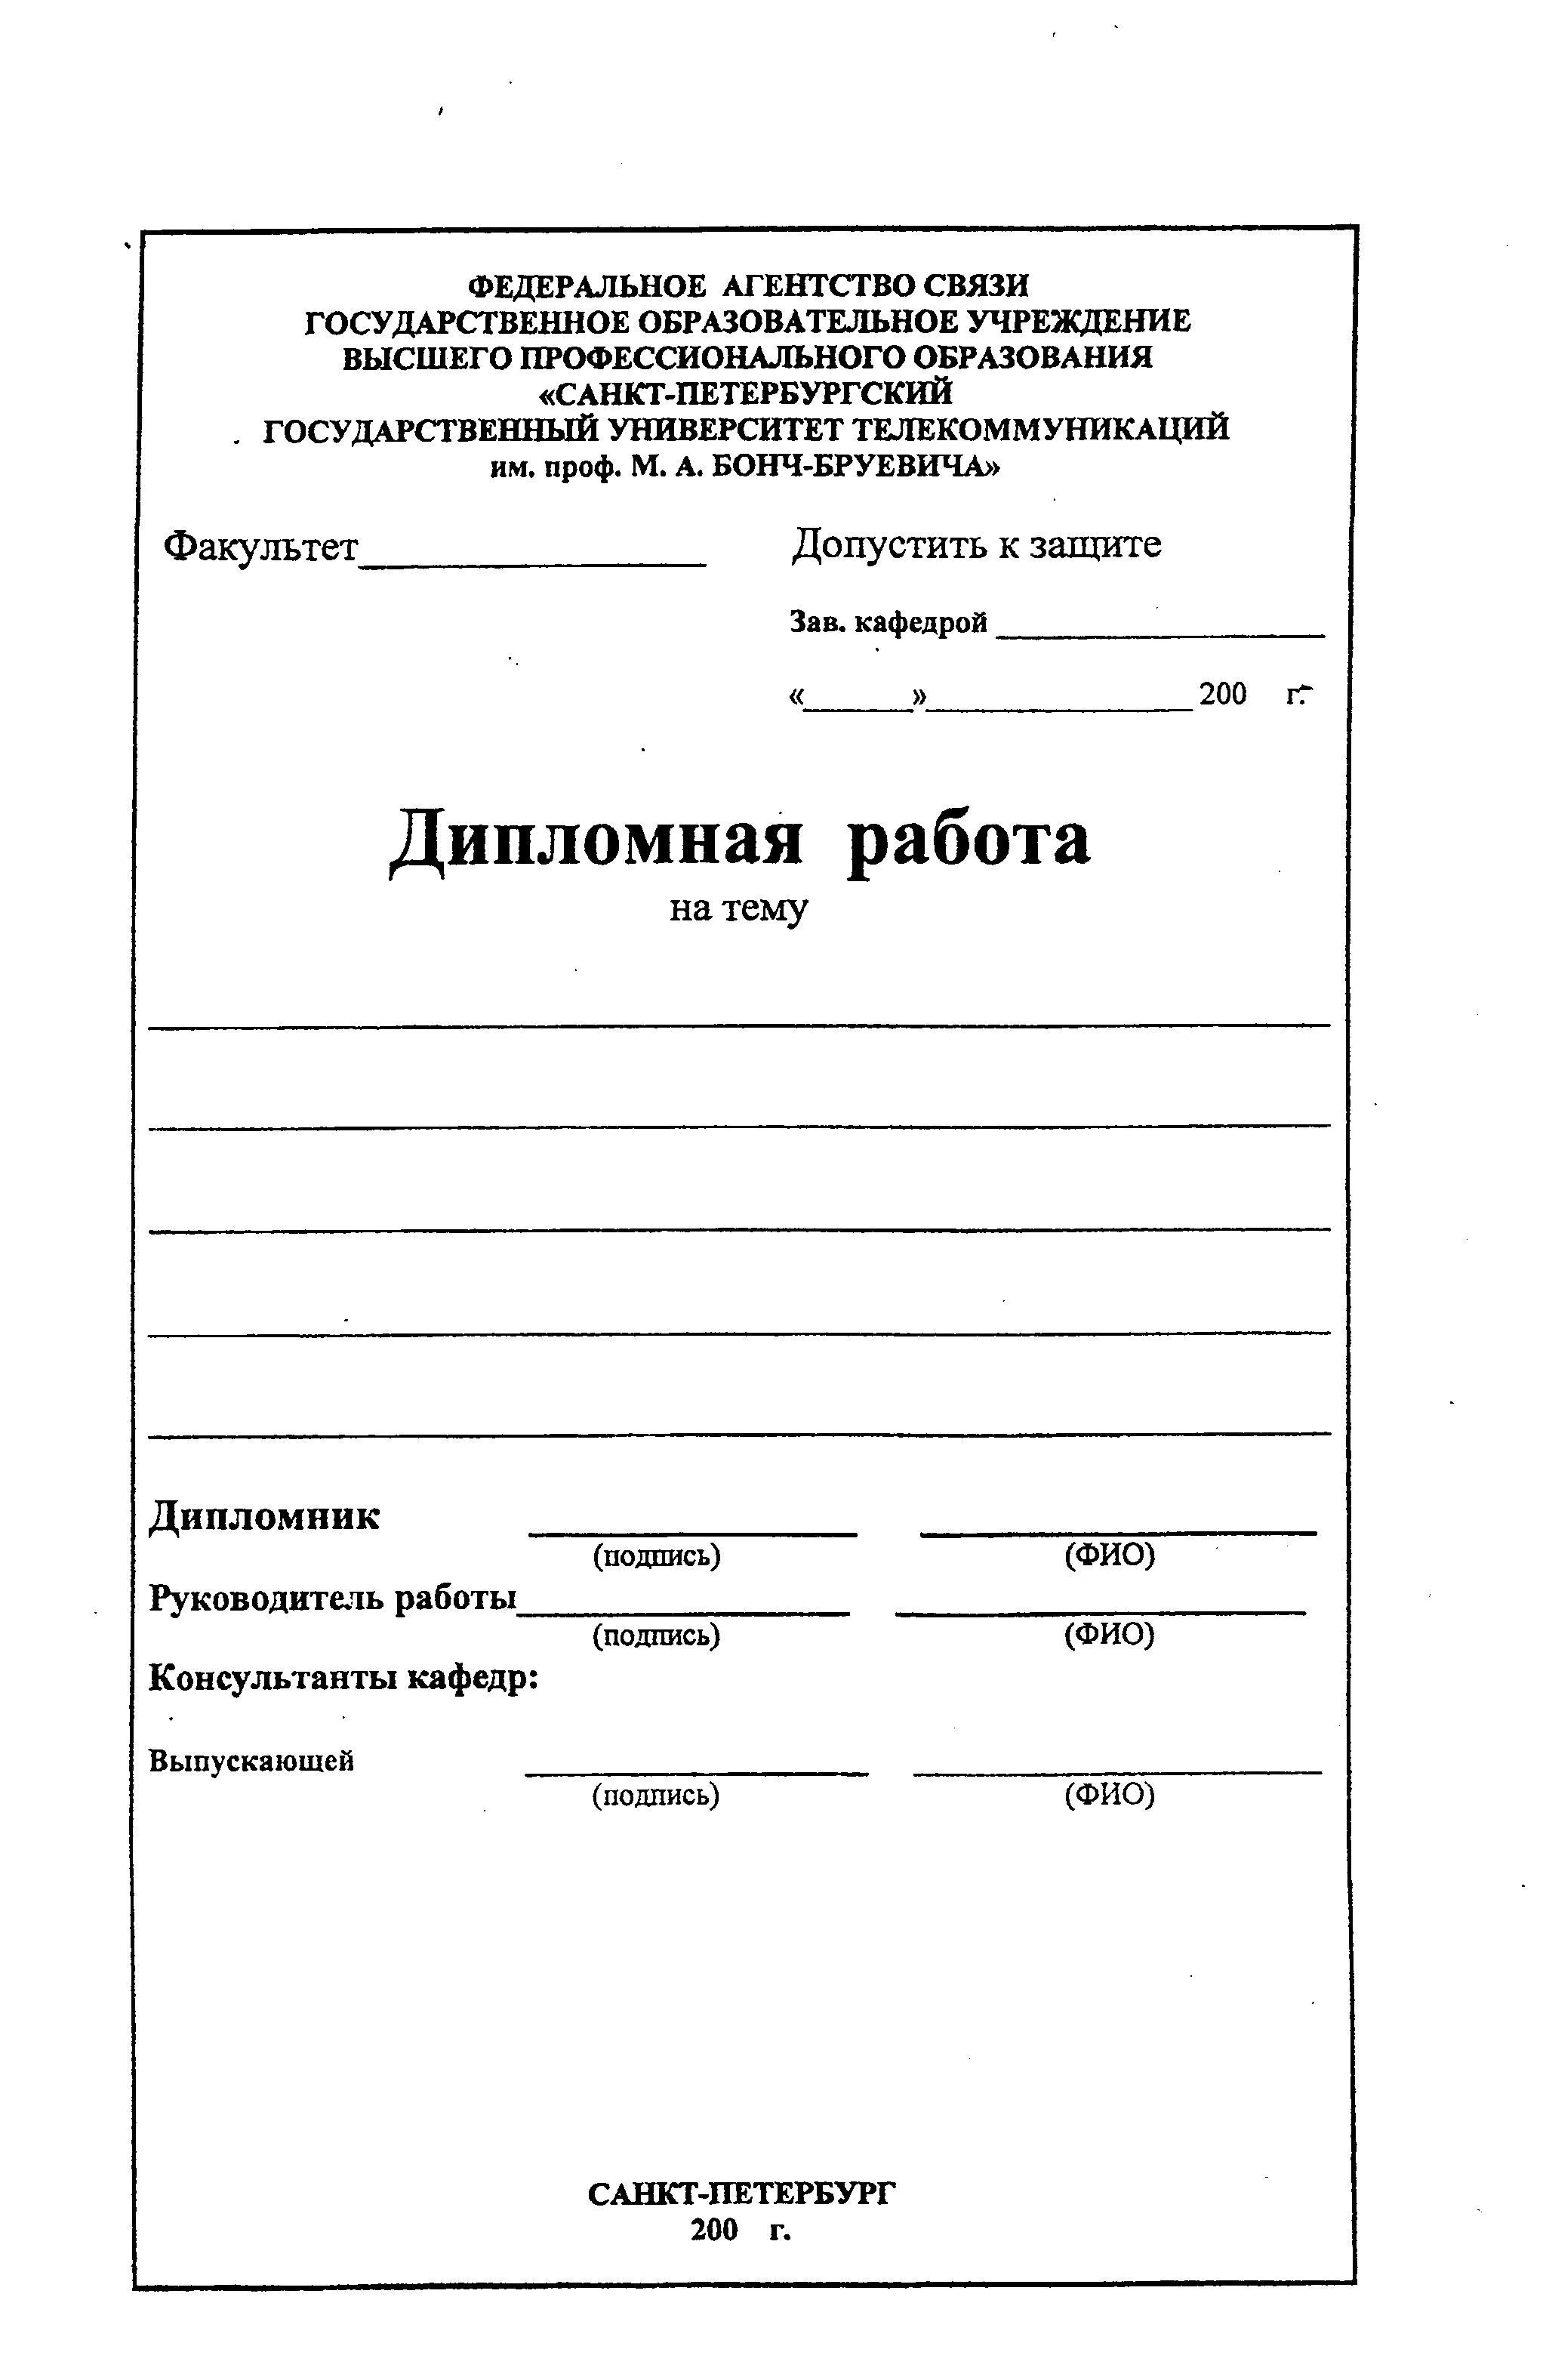 Оформление титульного листа дипломной работы как оформить  оформление титульного листа дипломной работы